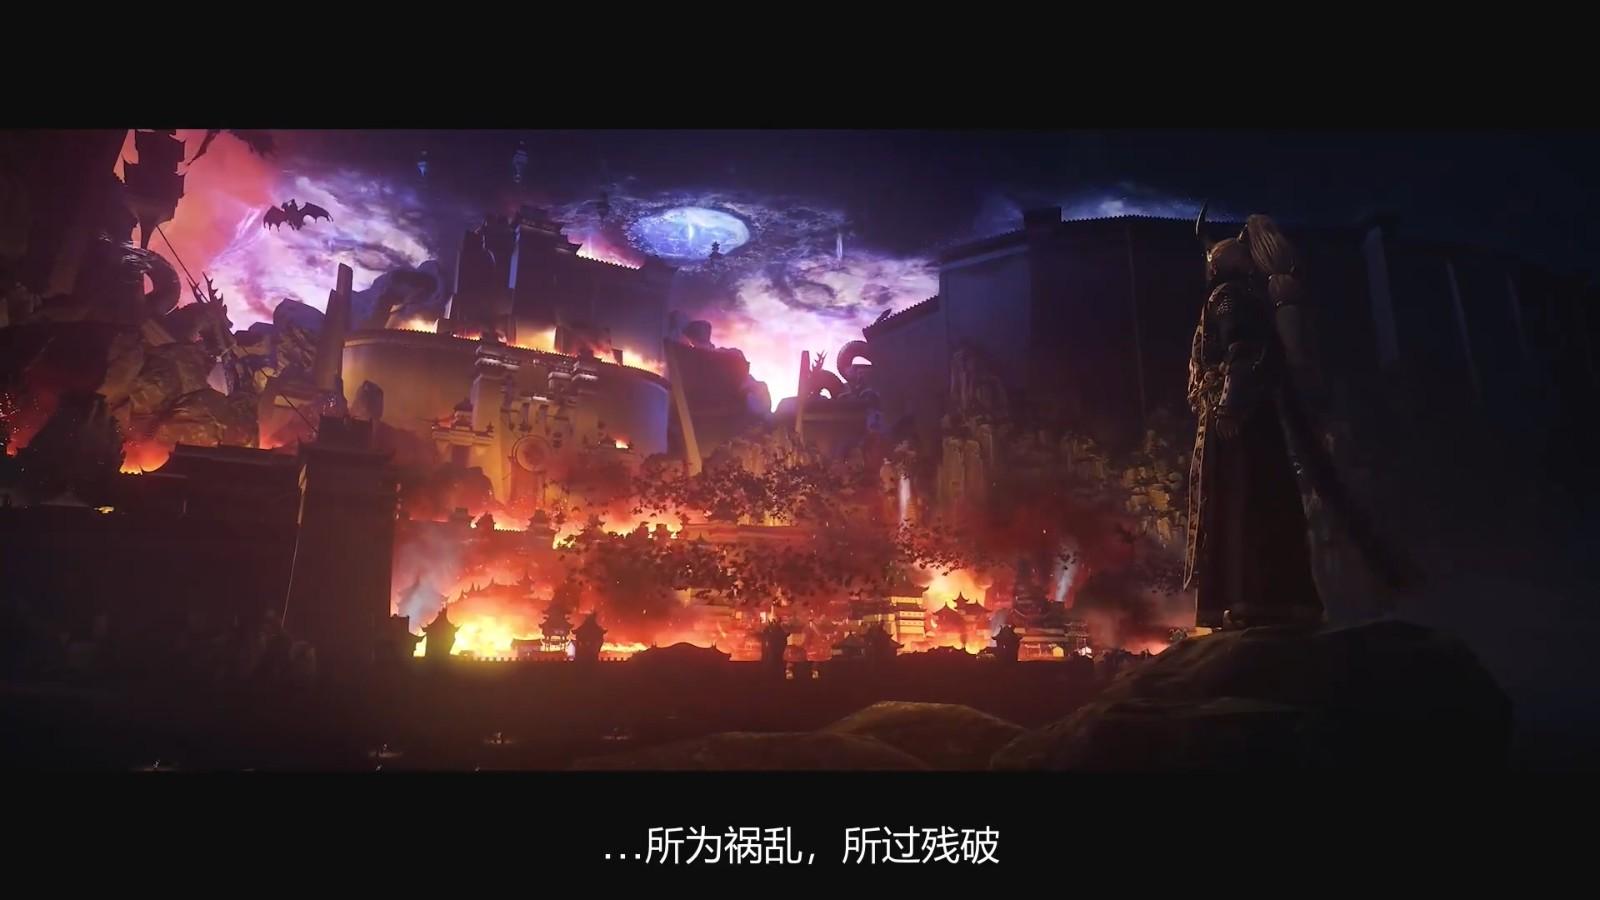 《全面战争:战锤3》震旦天朝公布 天下重任,将由谁来担当?插图7